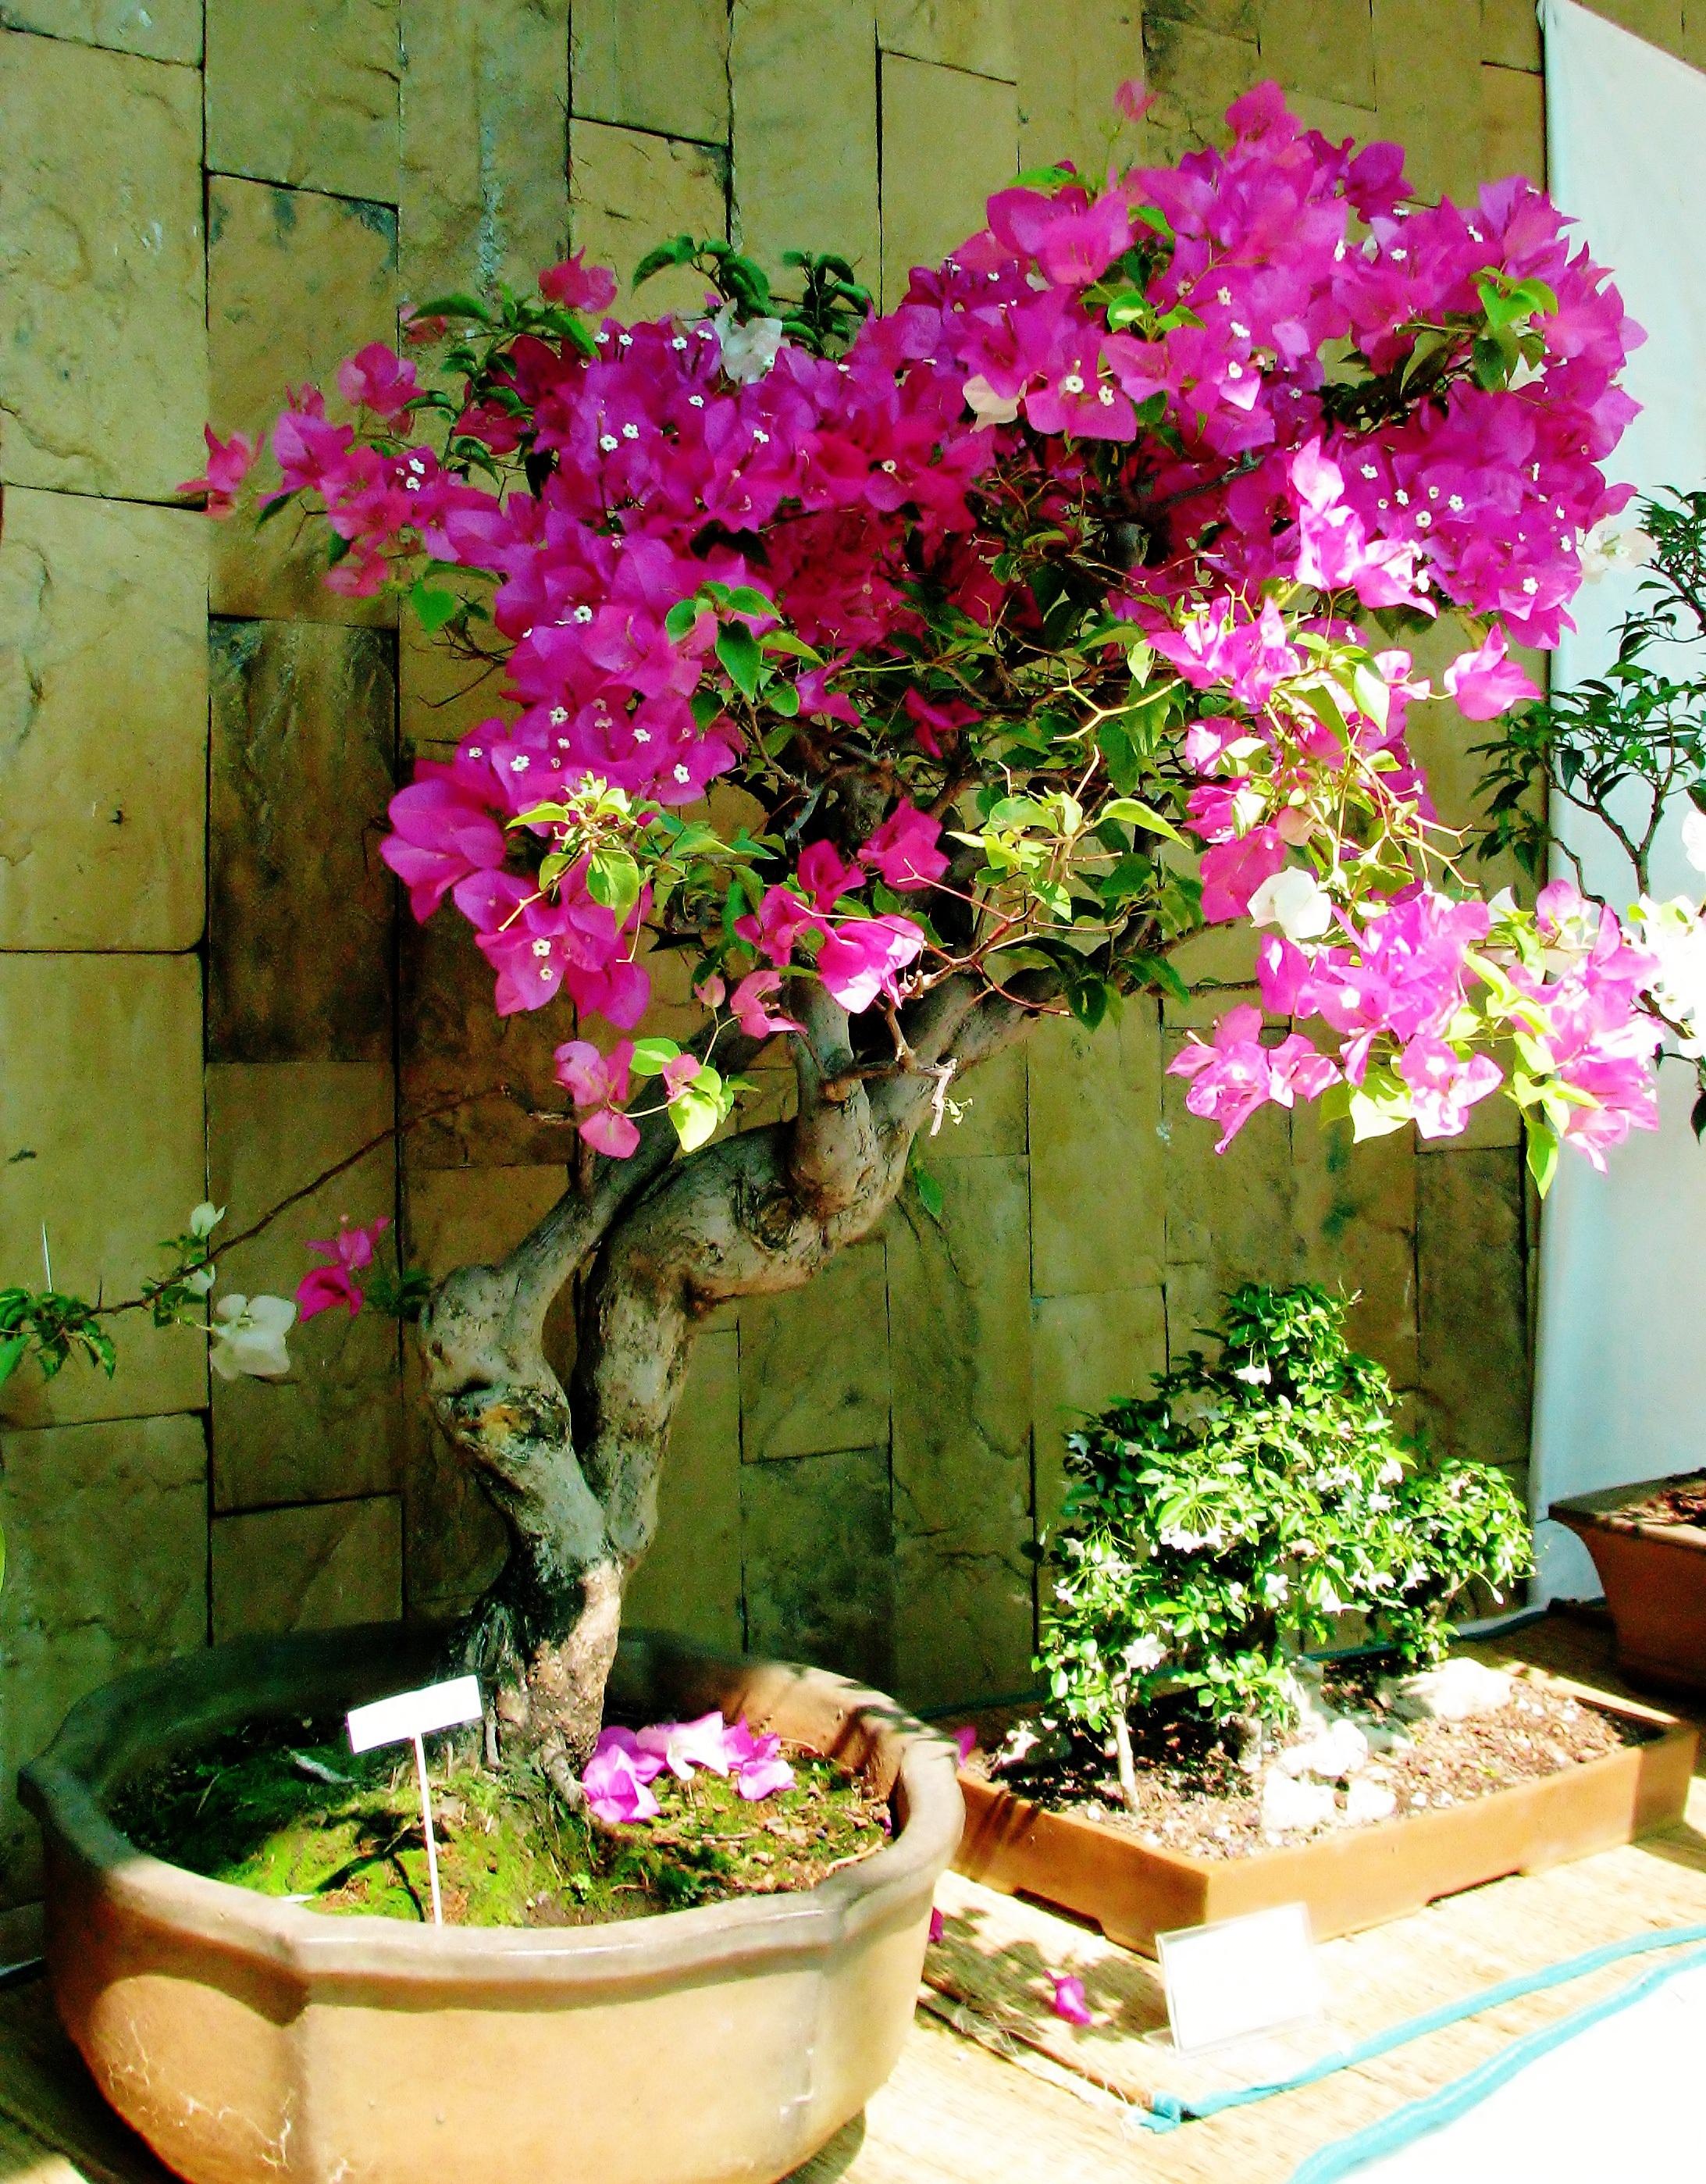 Gambar Menanam Kecil Halaman Belakang Botani Taman Flora Tanaman Di Dalam Pot Tanaman Rumah Pot Bunga Bugenvil Budidaya Bunga Bonsai Tanaman Berbunga Desain Bunga Tanaman Tahunan Tanaman Tanah Merangkai Bunga 2185x2797